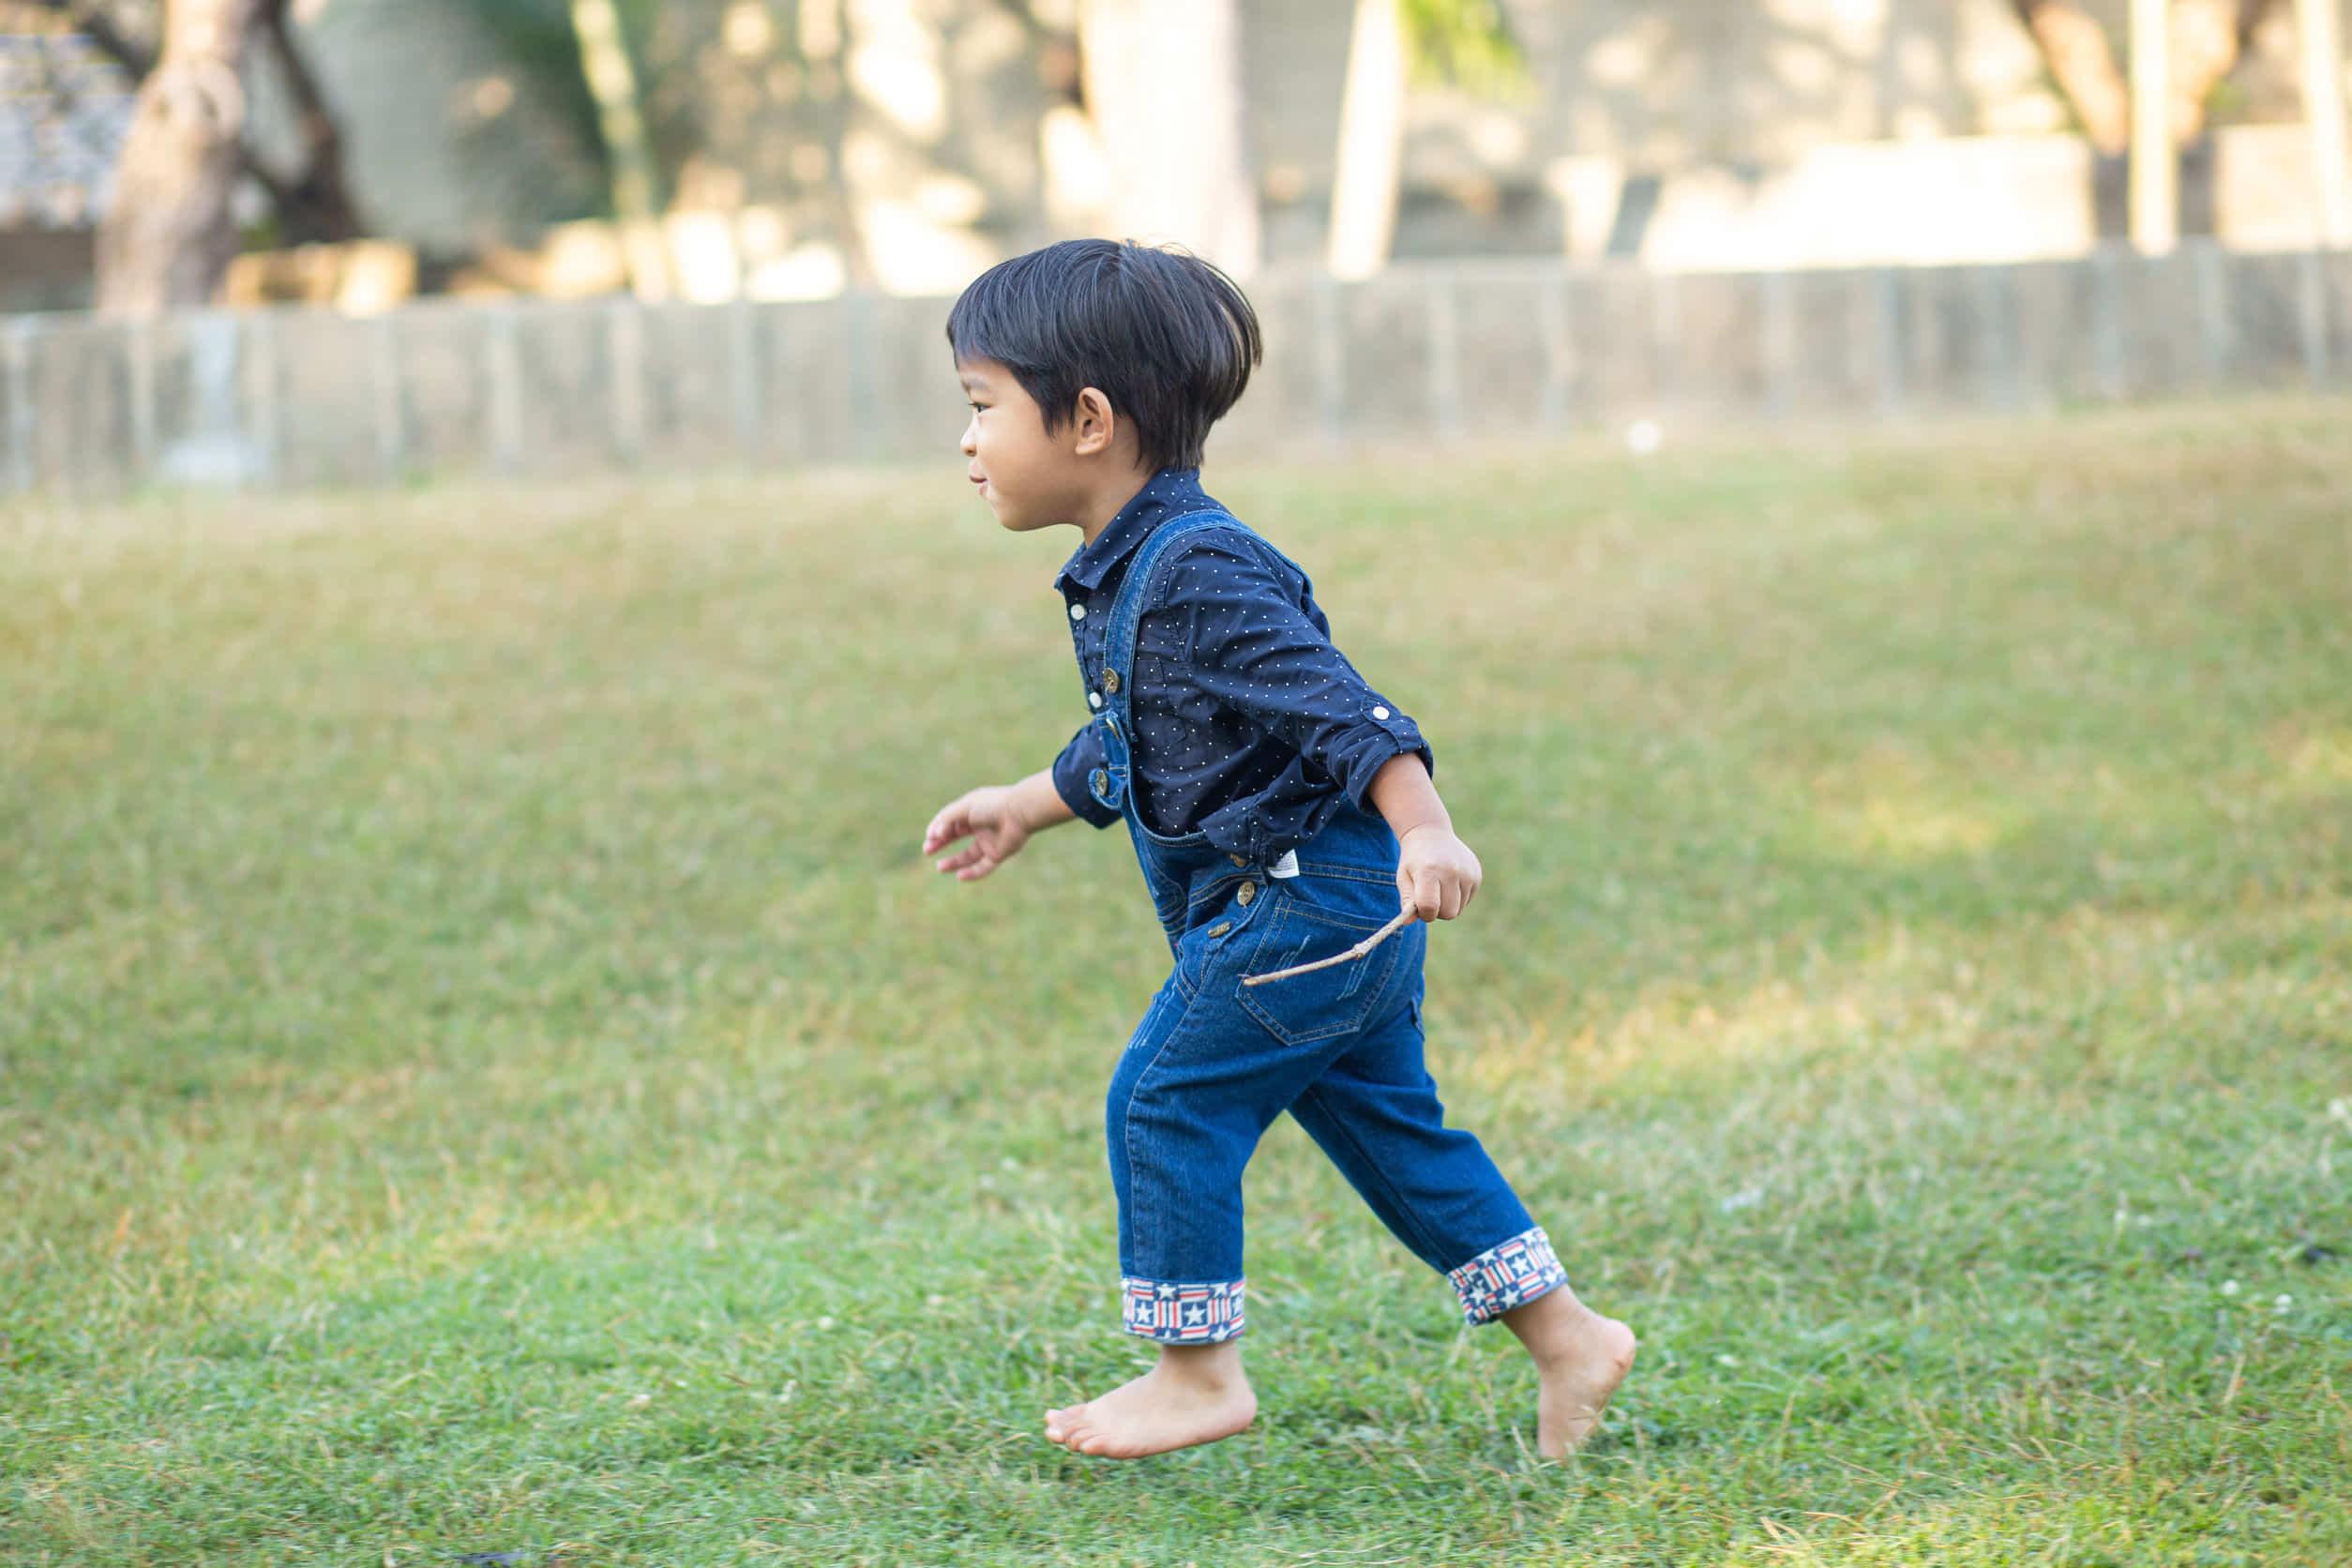 短距離走の練習をしよう!小学校の子供が速く走れるポイント